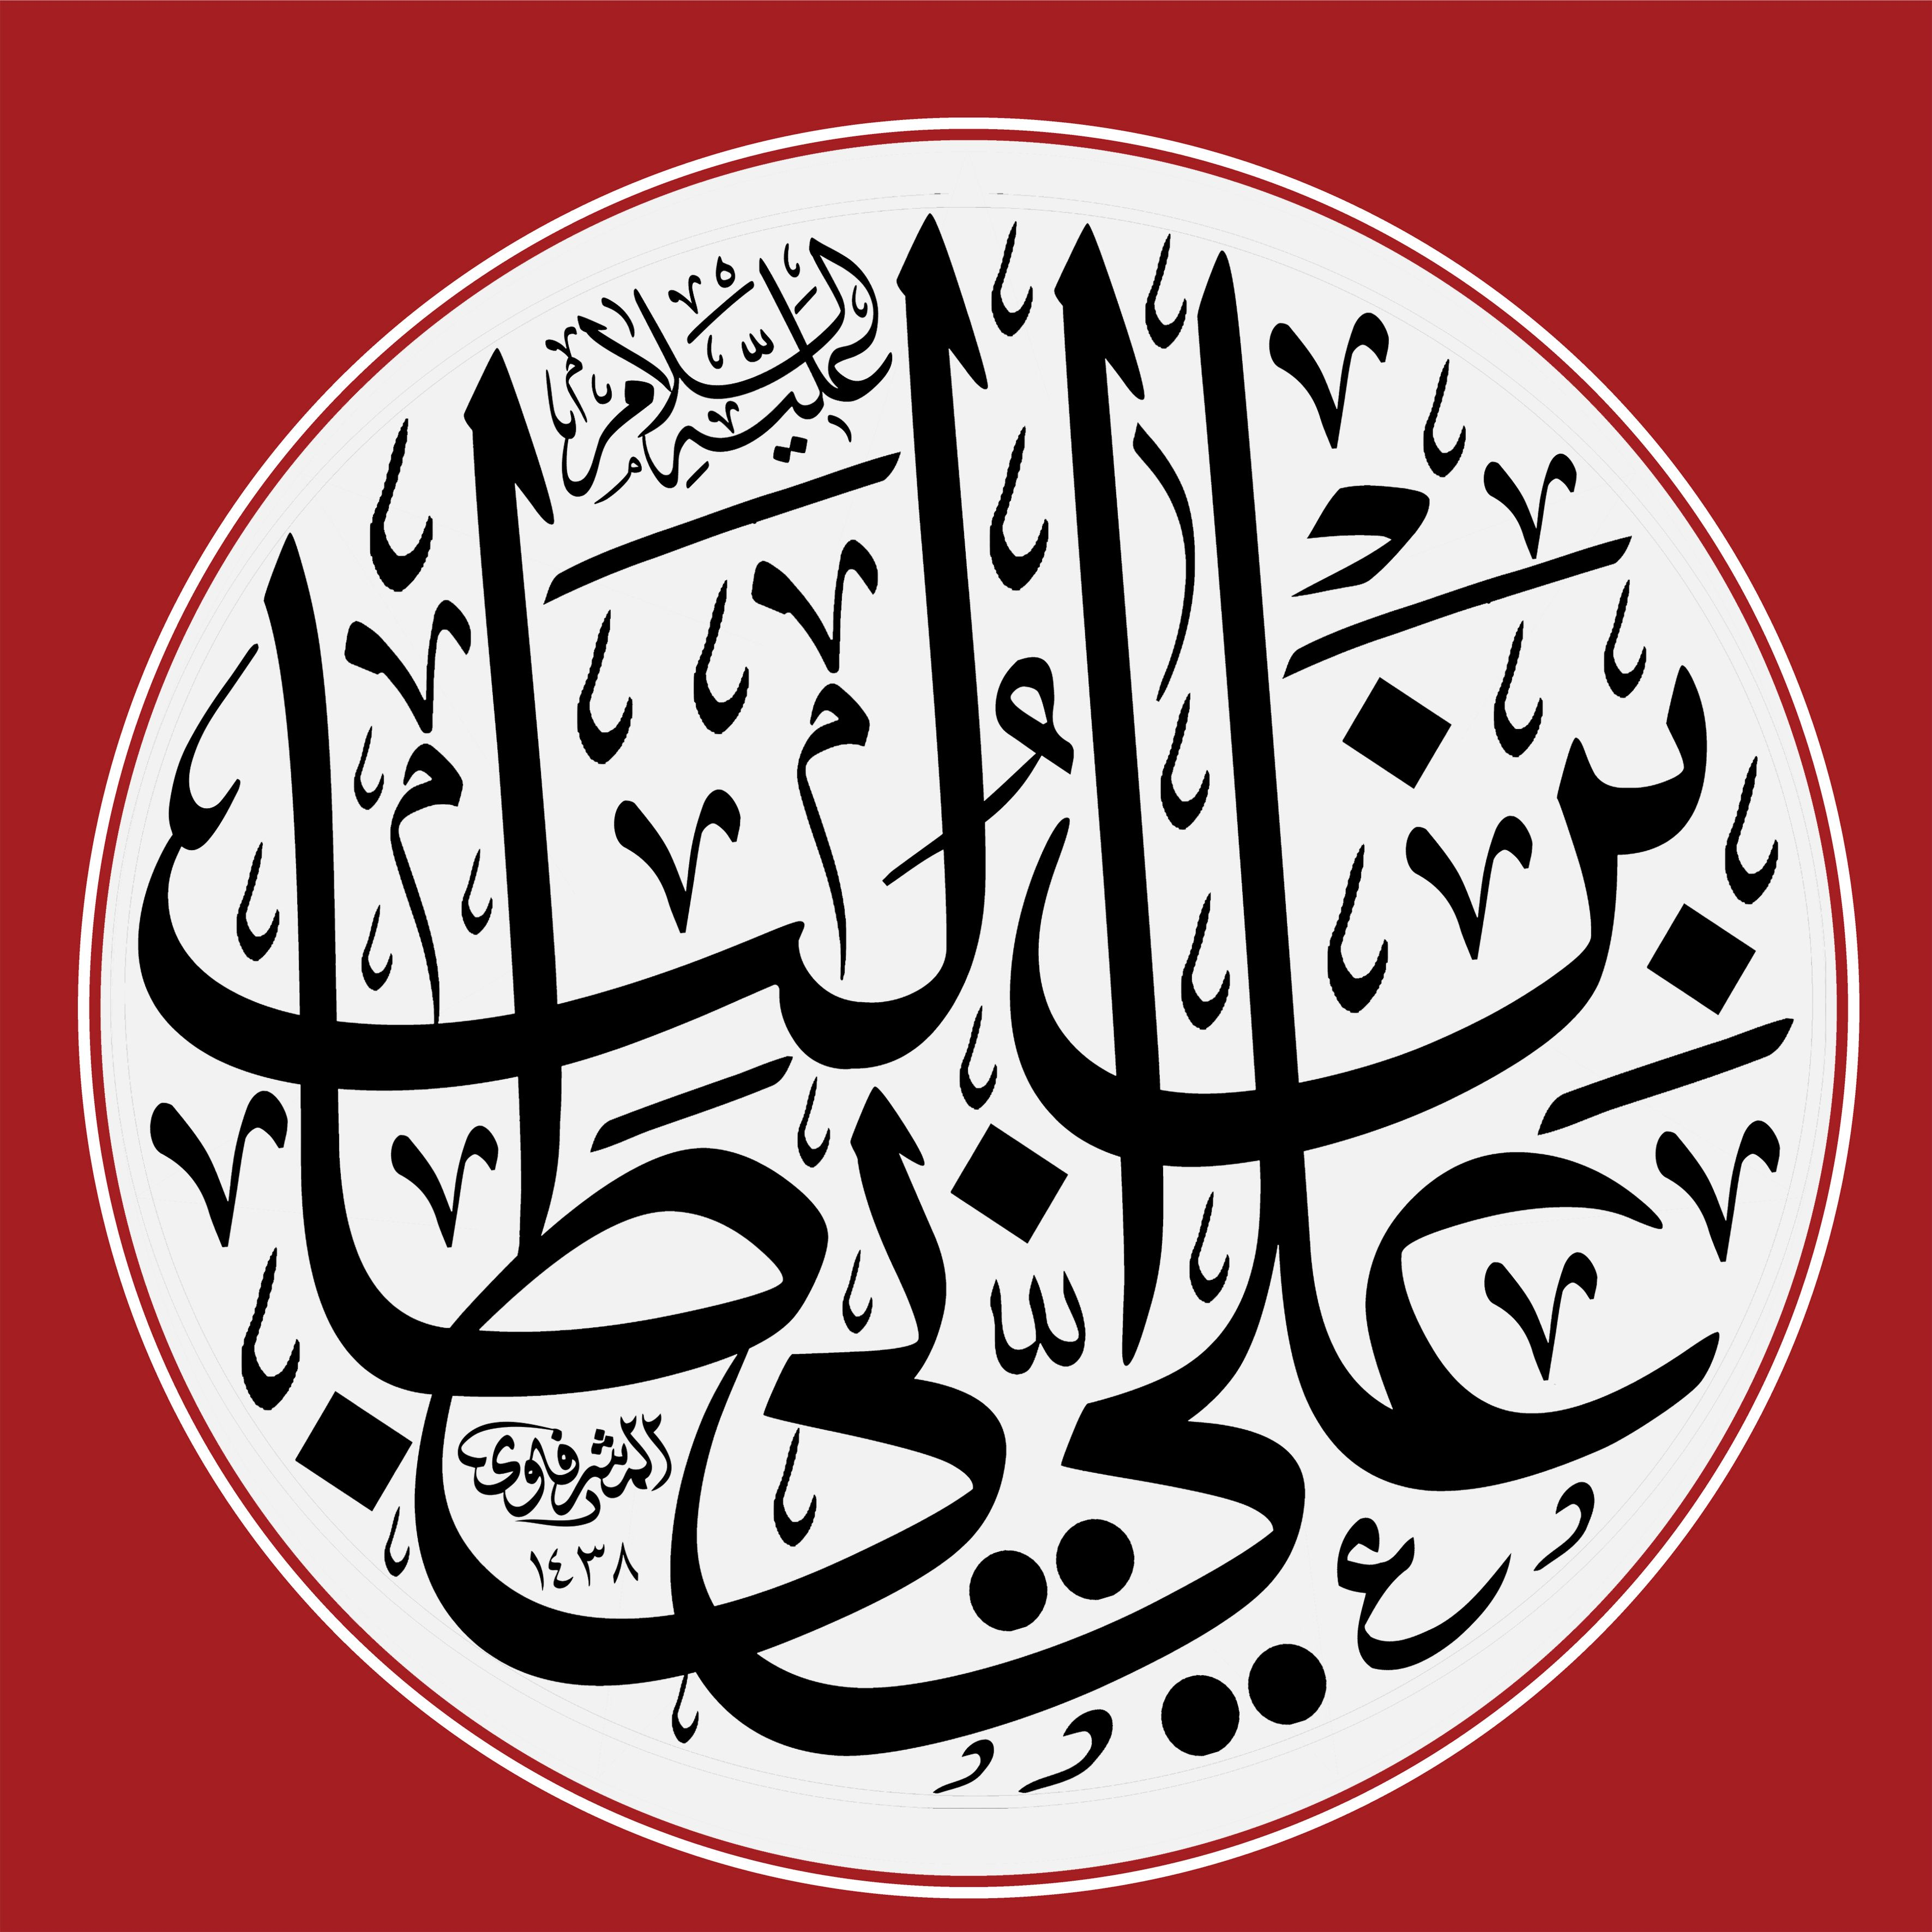 الامام علي بن ابي طالب عليه السلام الخطاط محمد الحسني المشرفاوي Islamic Calligraphy Islamic Art Calligraphy Calligraphy Words